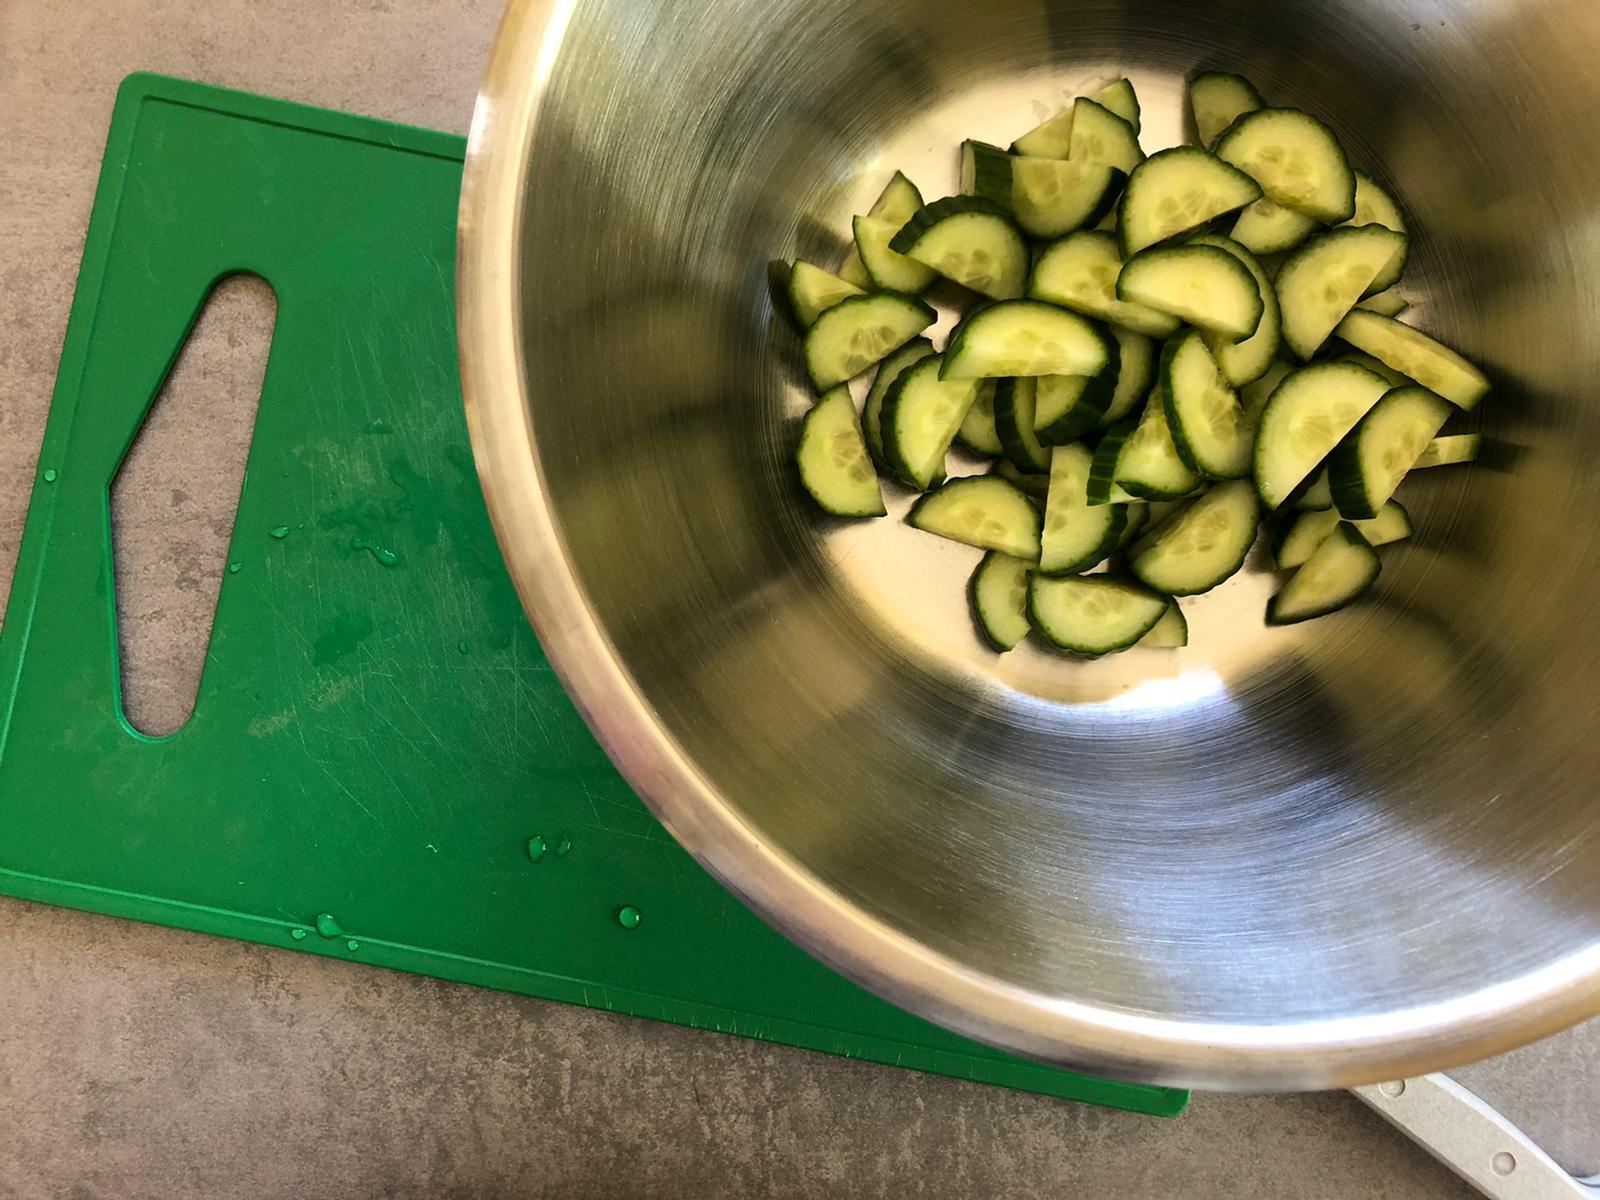 Komkommer in wording